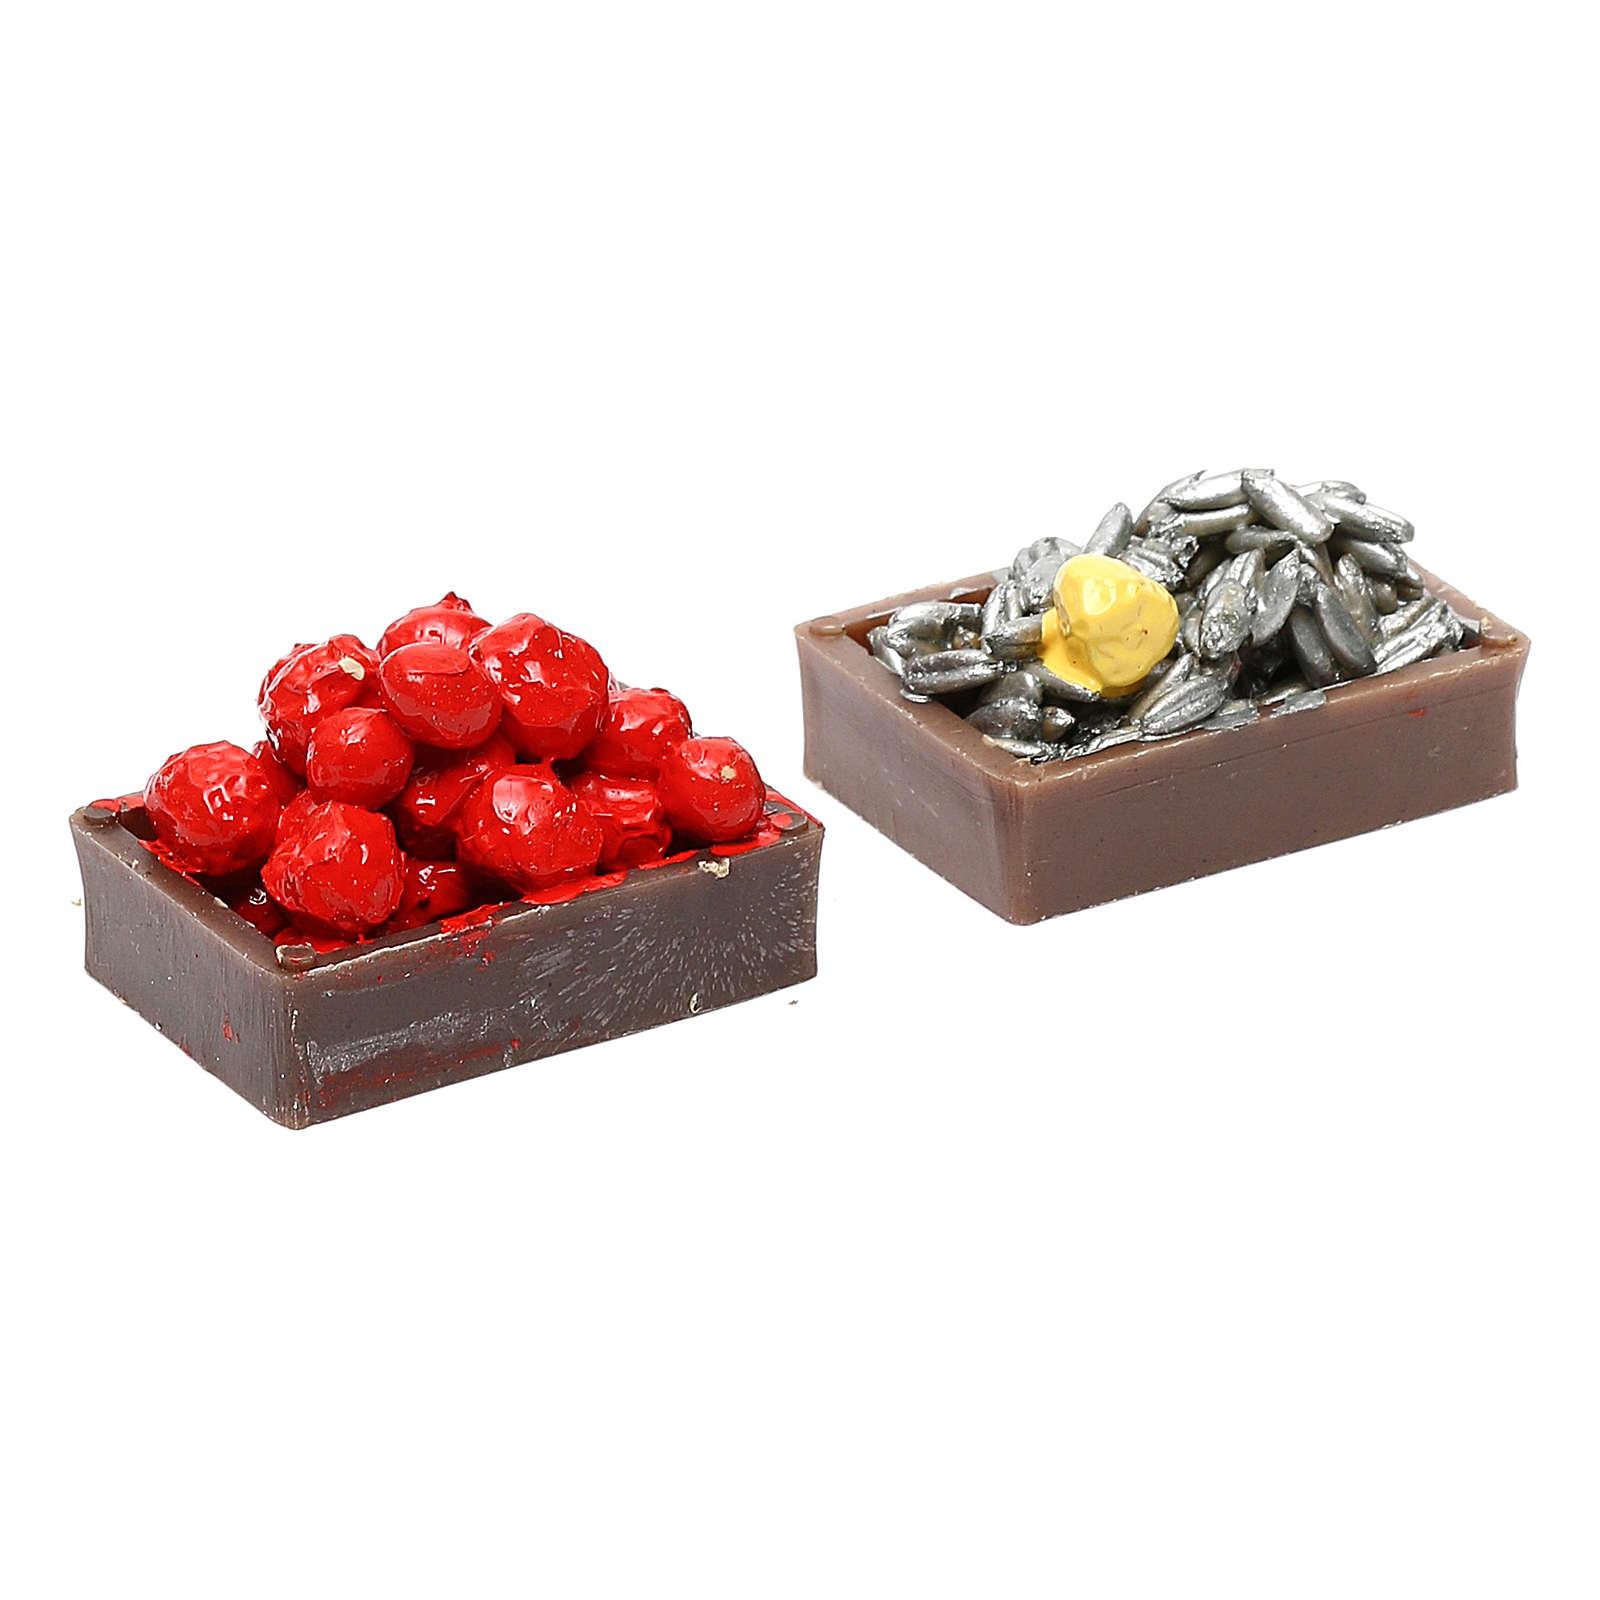 Pareja de cajas de fruta, hortalizas y pescado para el pesebre 4